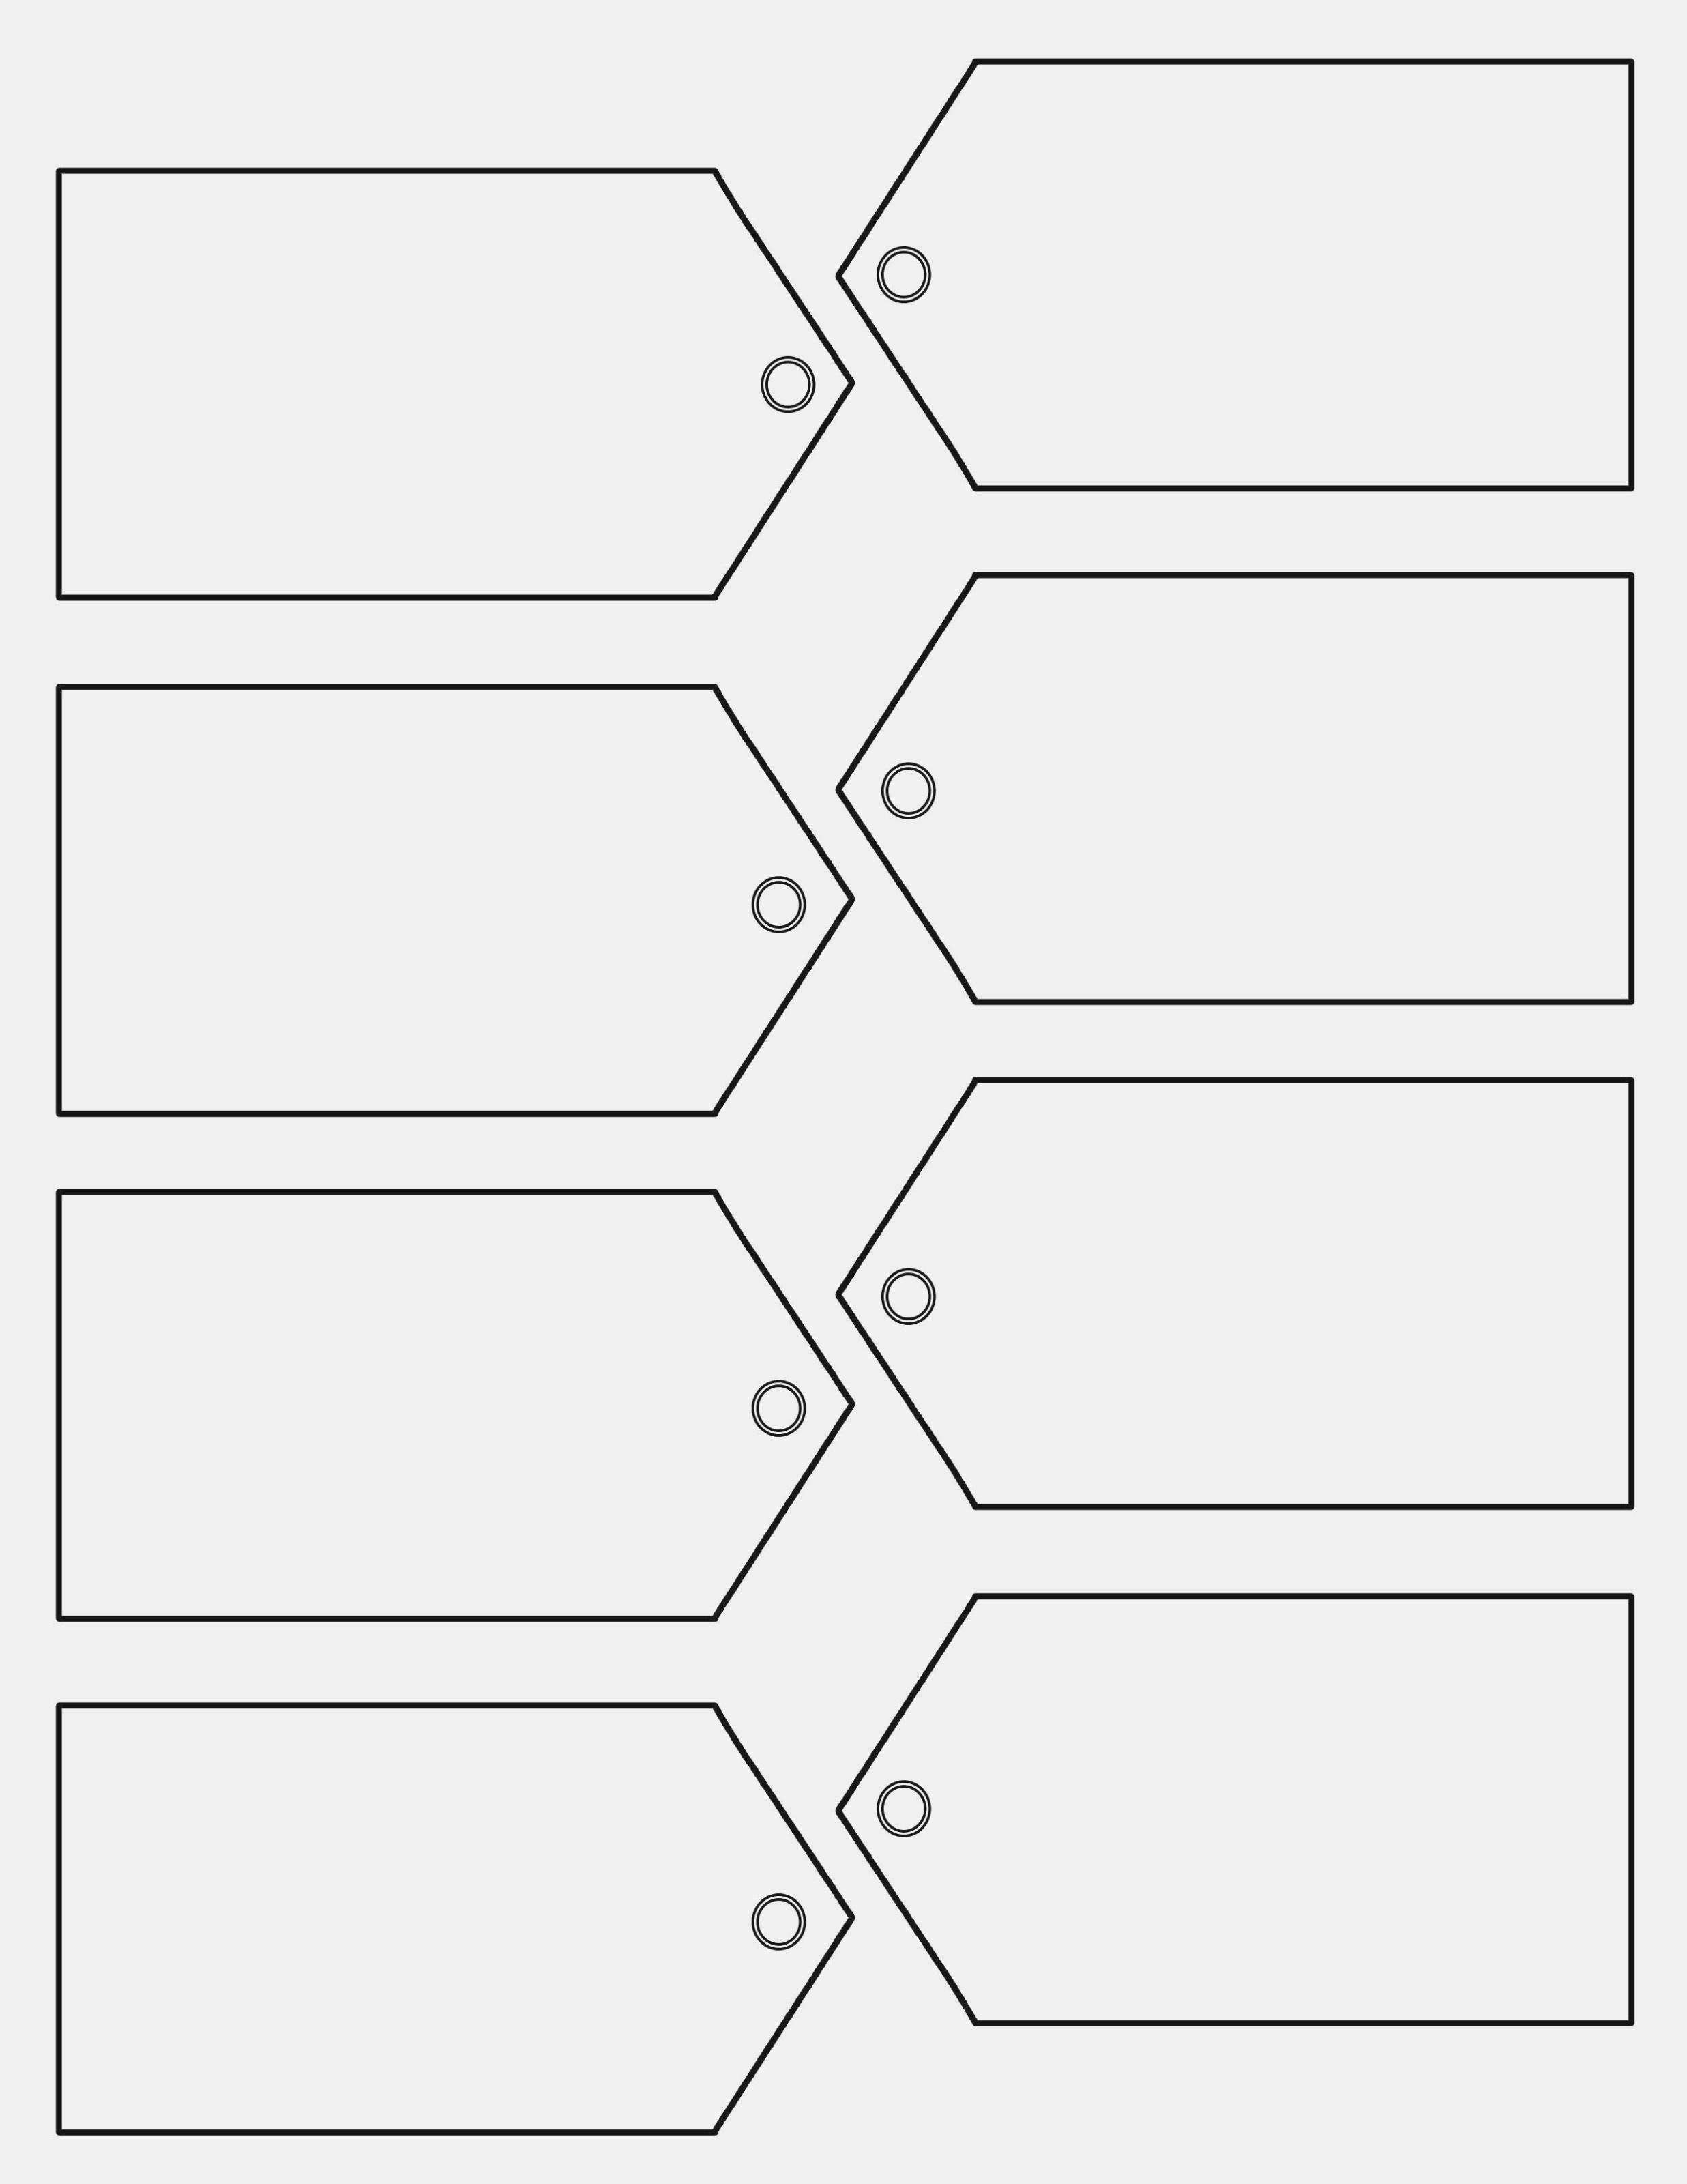 Free Printable Tag Templates 10 | Printable And Formats – Printable - Free Printable Price Labels